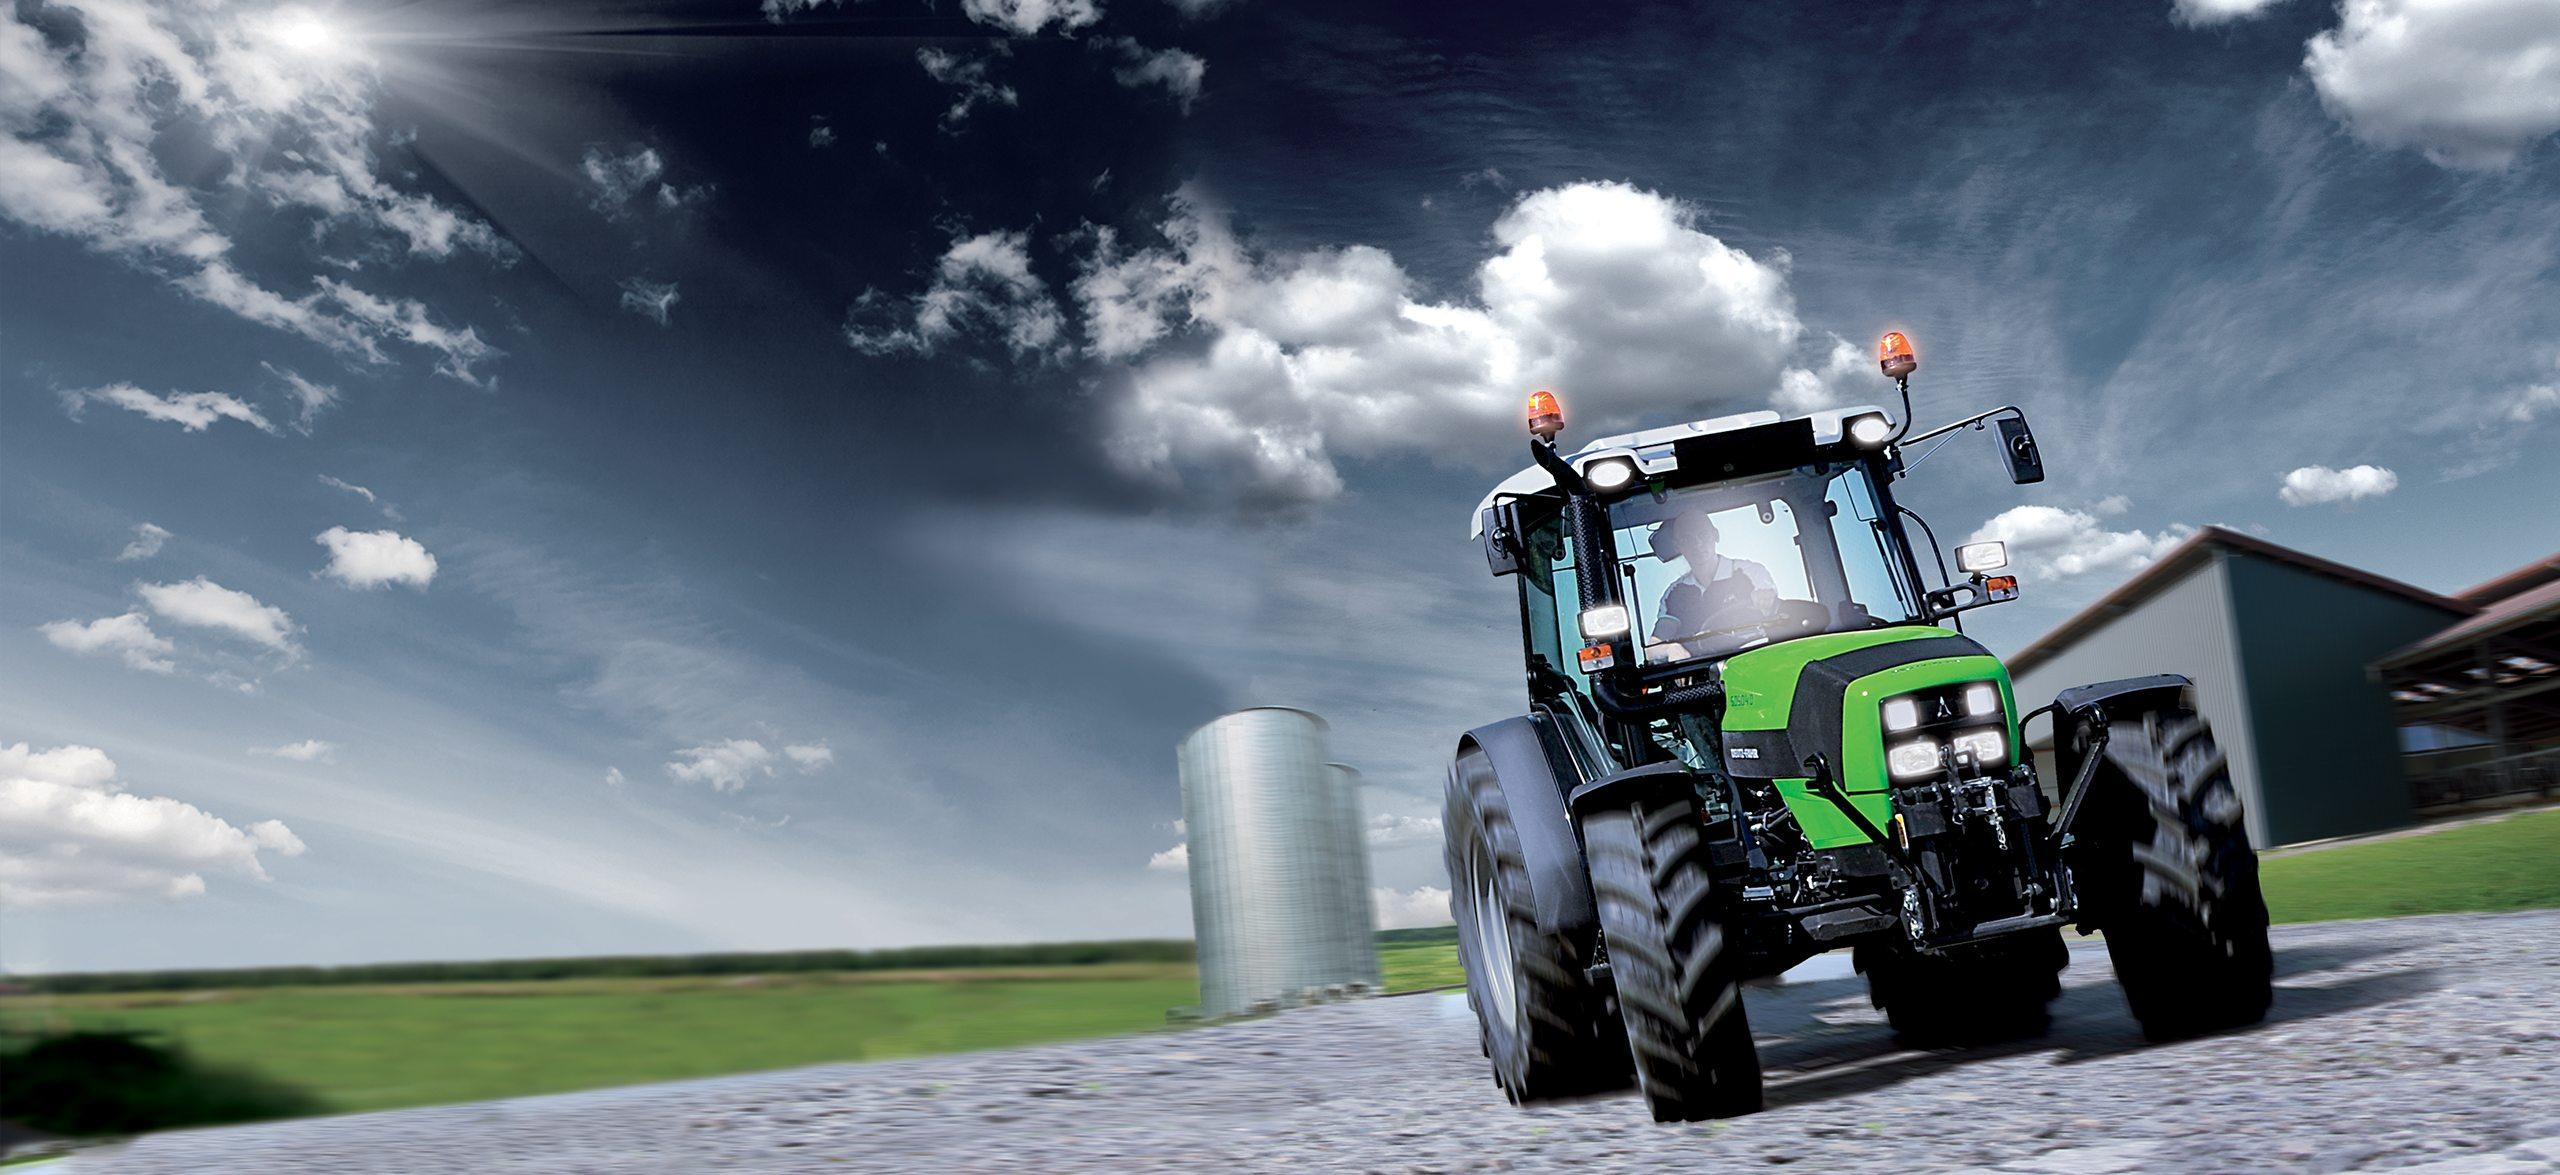 Traktor der Serie 5D, auf der linken Seite zwei Silos und auf der rechten Seite ein landwirtschaftliches Gebäude